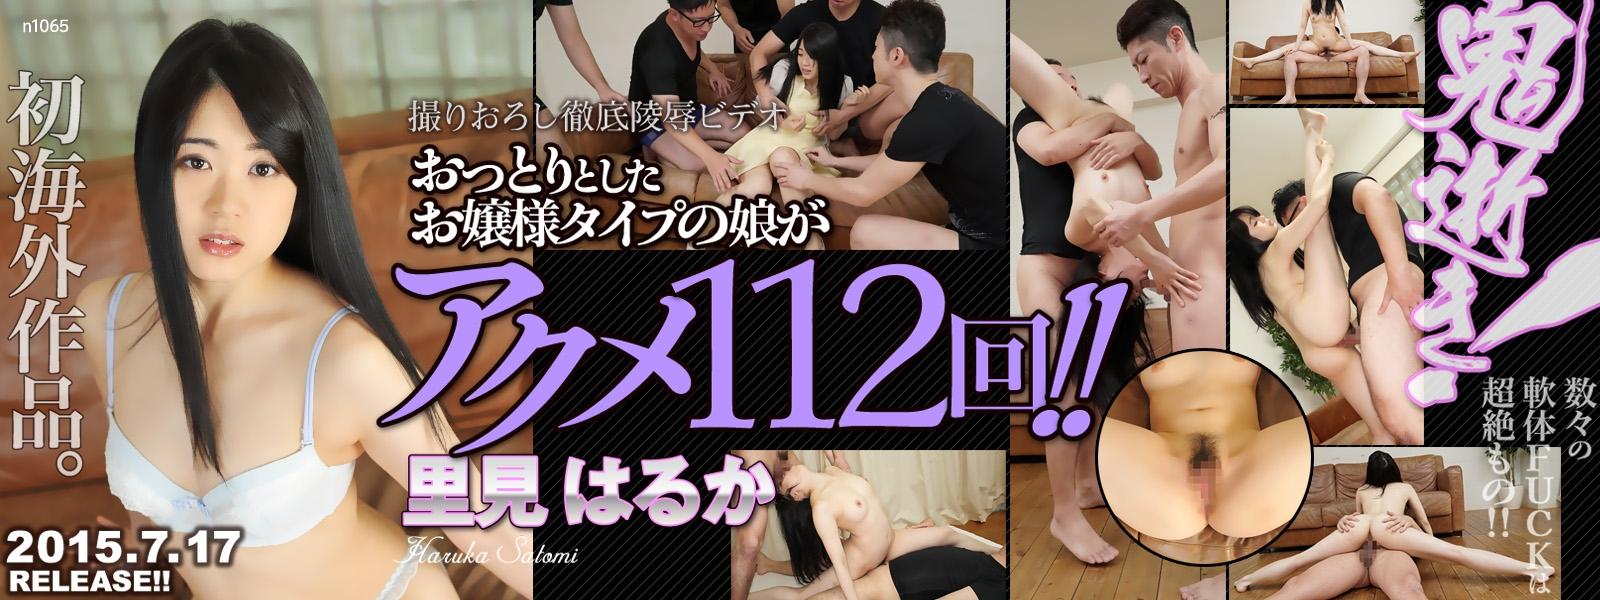 Tokyo Hot n1065